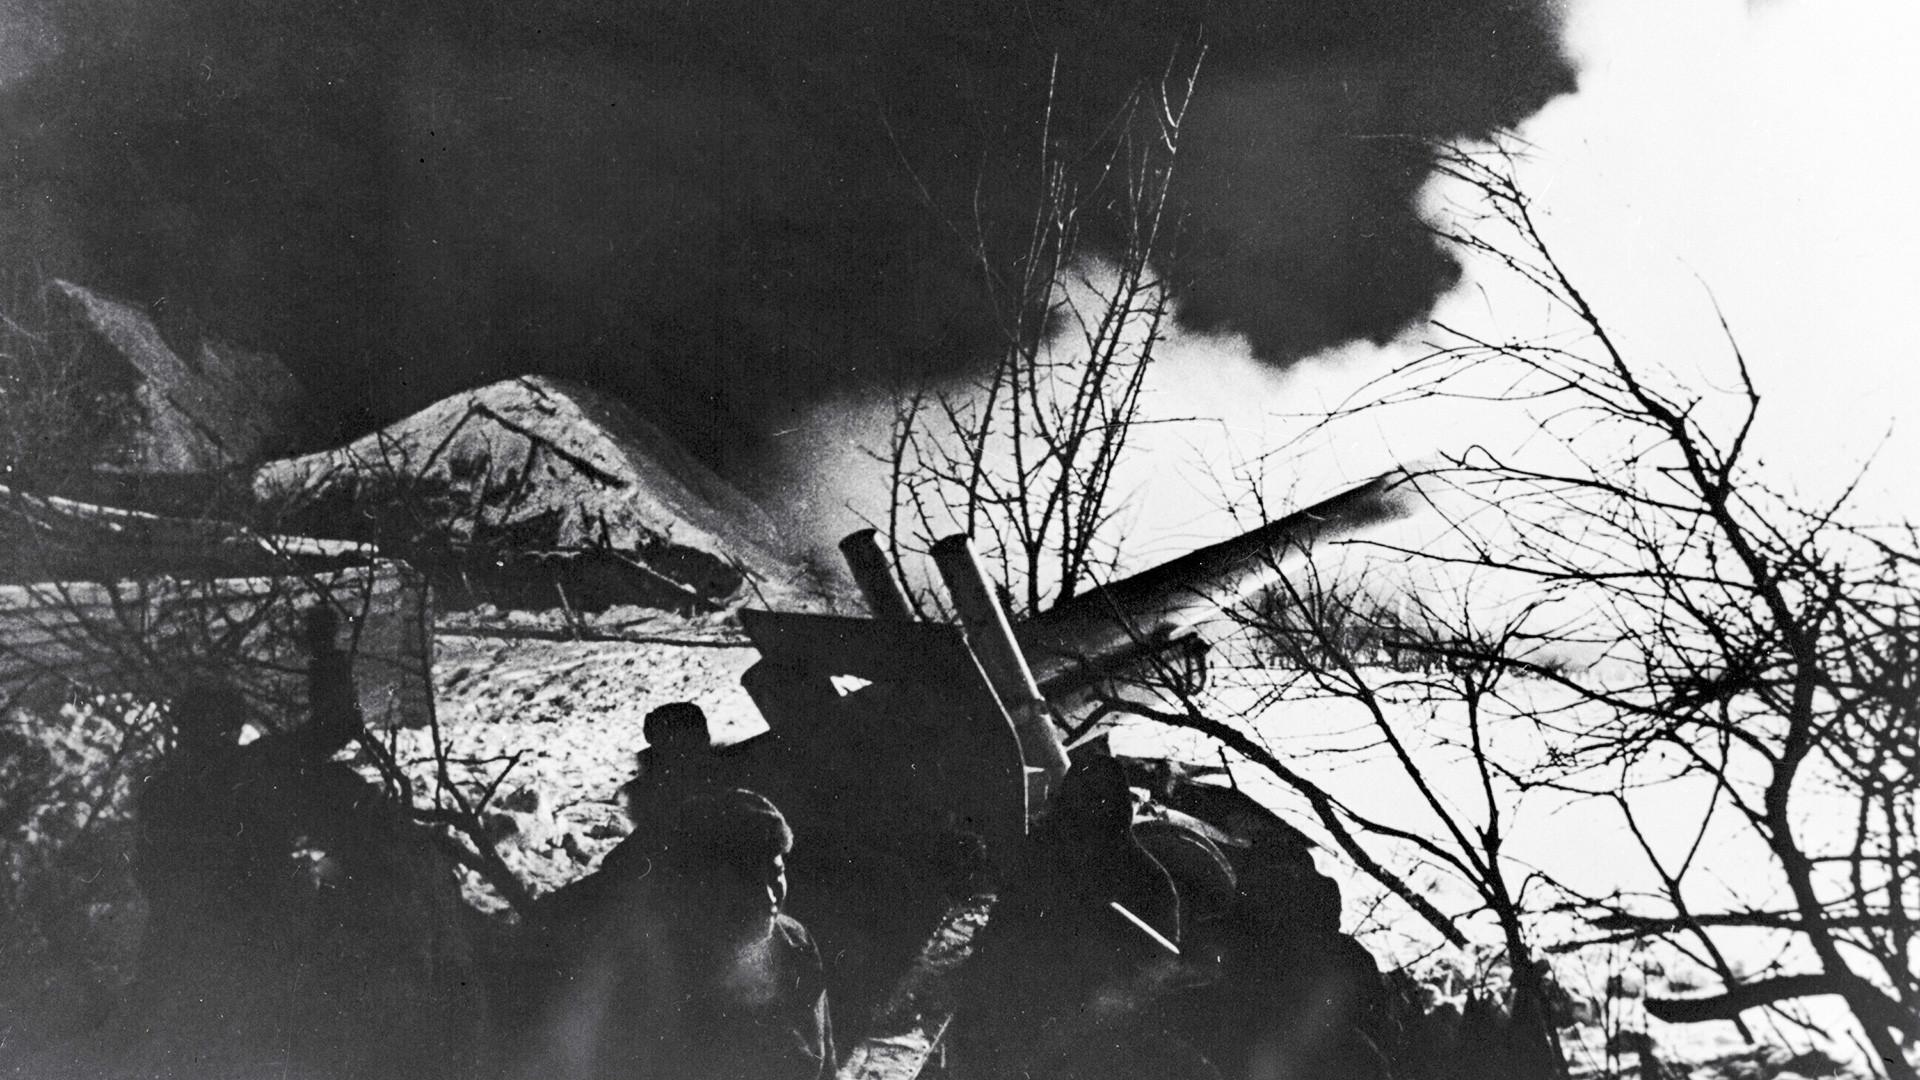 Artilerijski položaji pred Moskvo, 1.11.1941